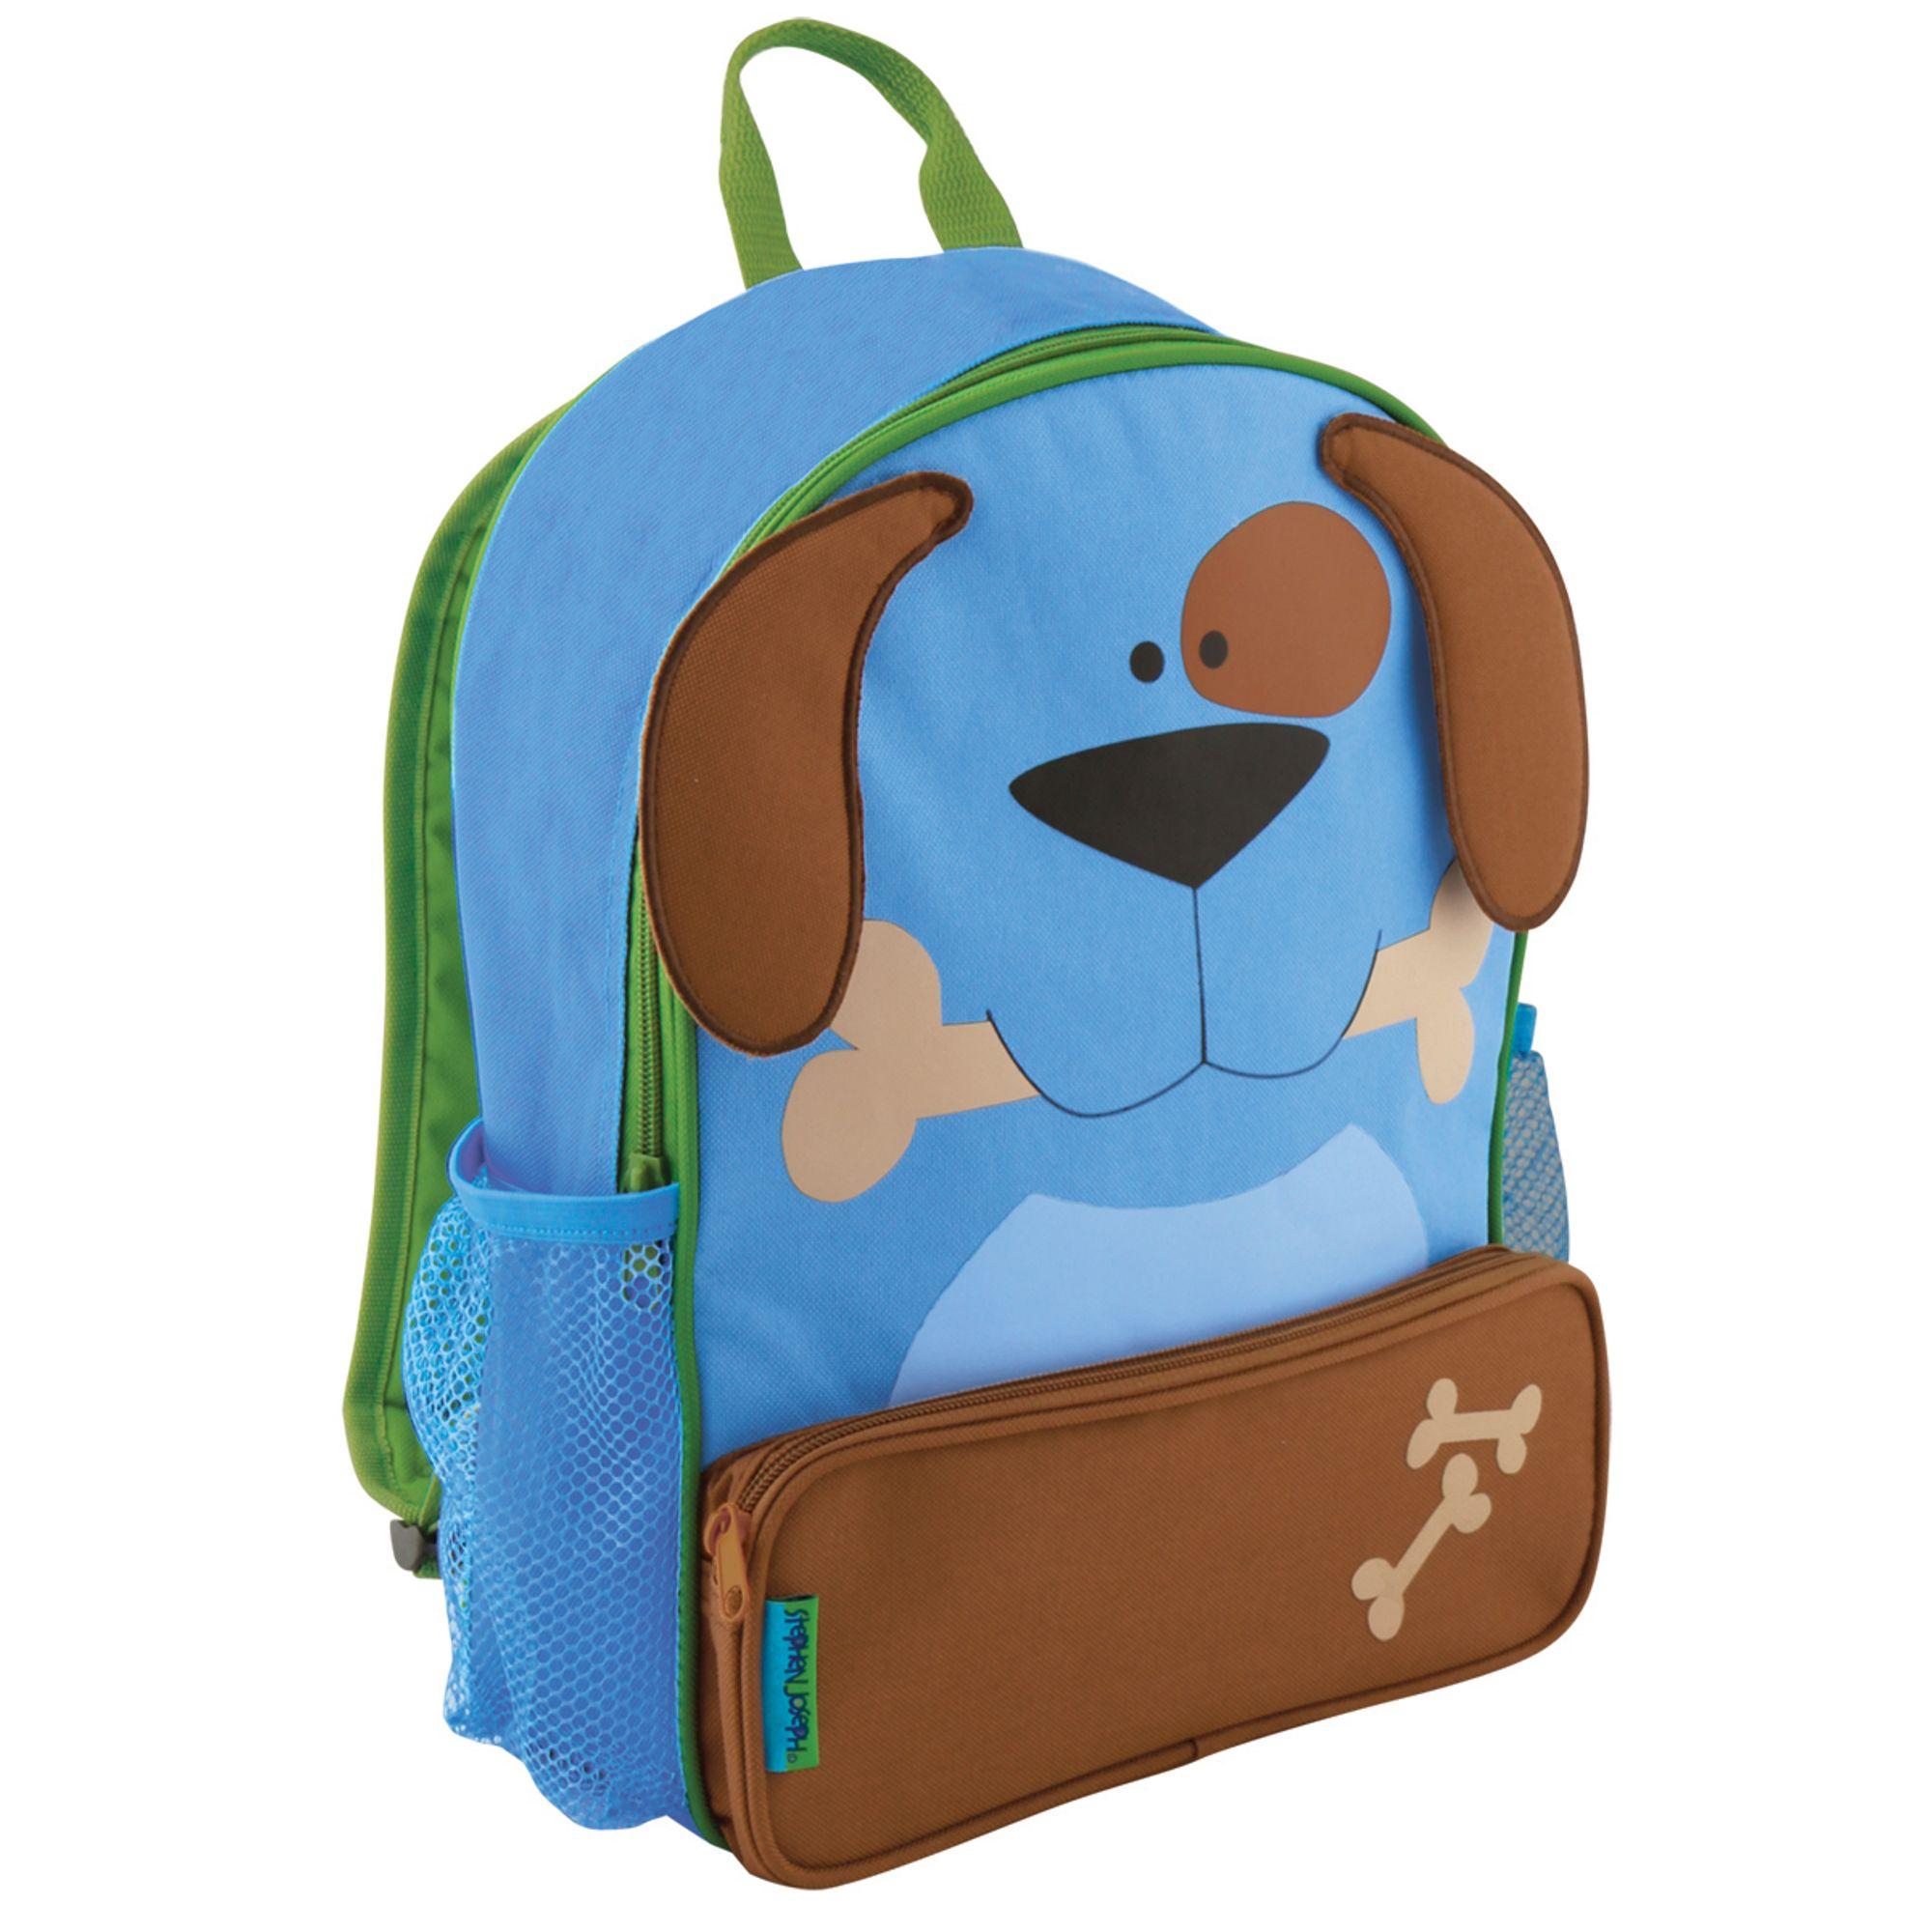 mochila-escolar-cachorrinho-stephen-joseph